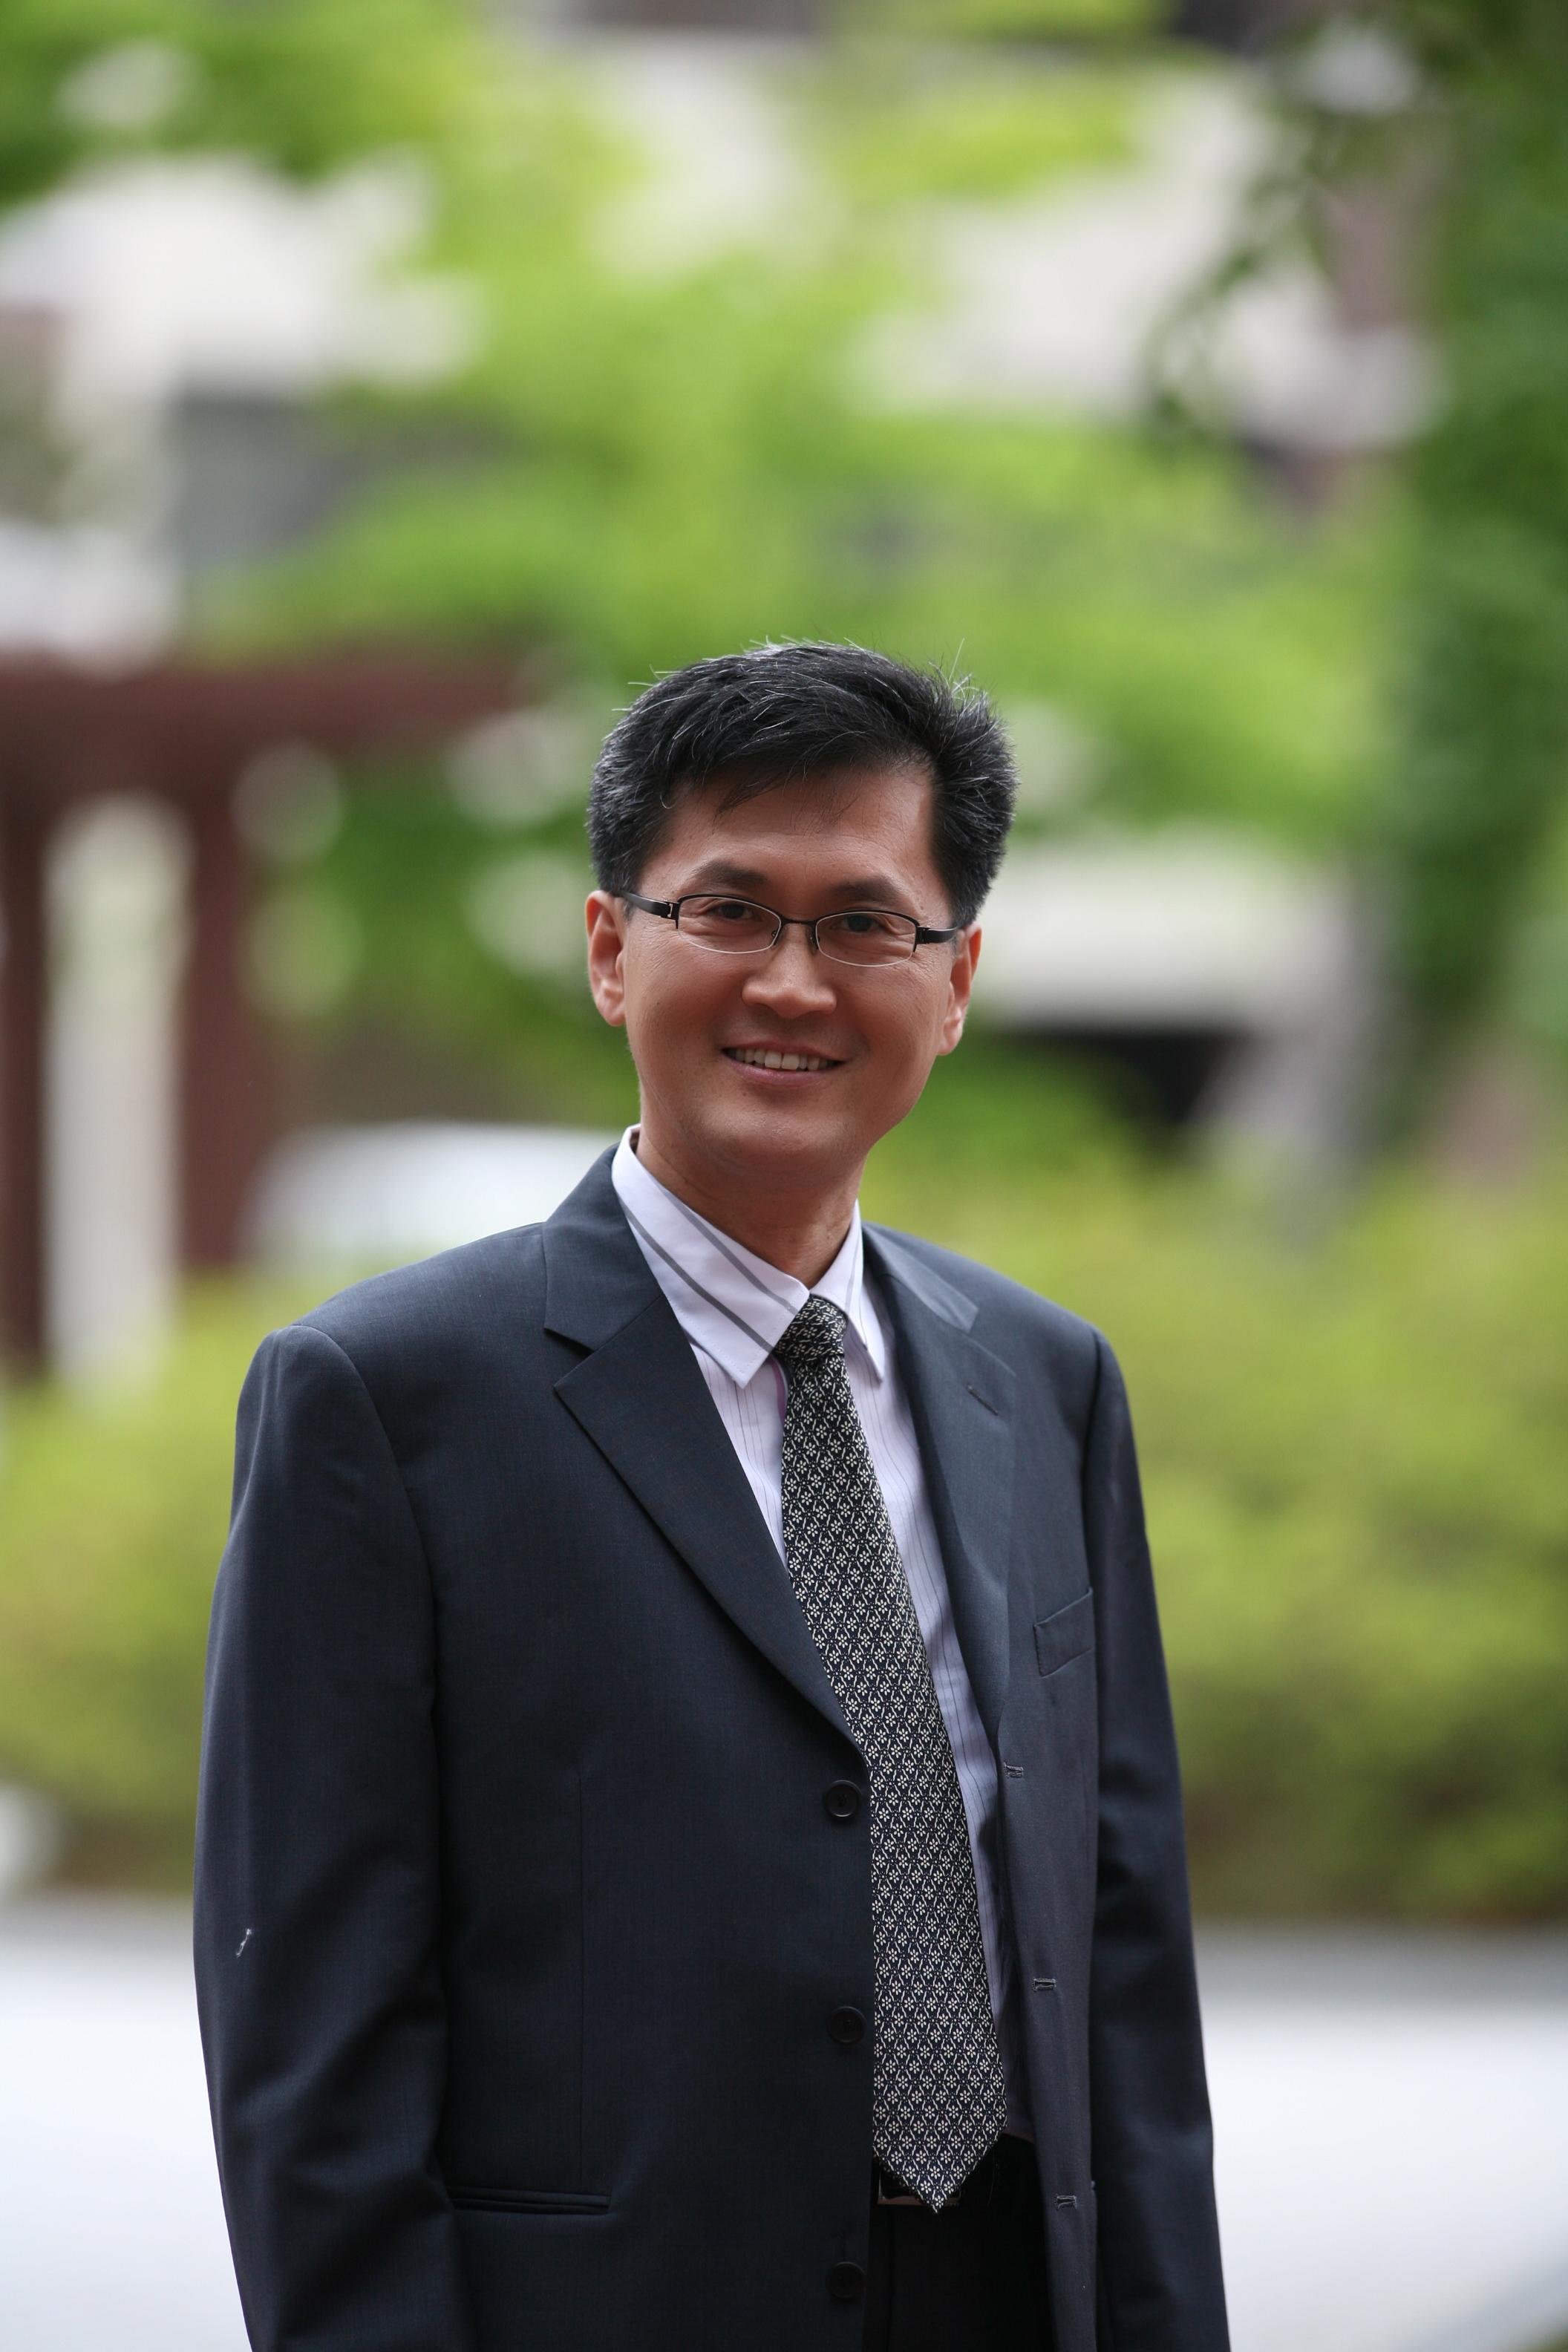 이상돈 교수 사진